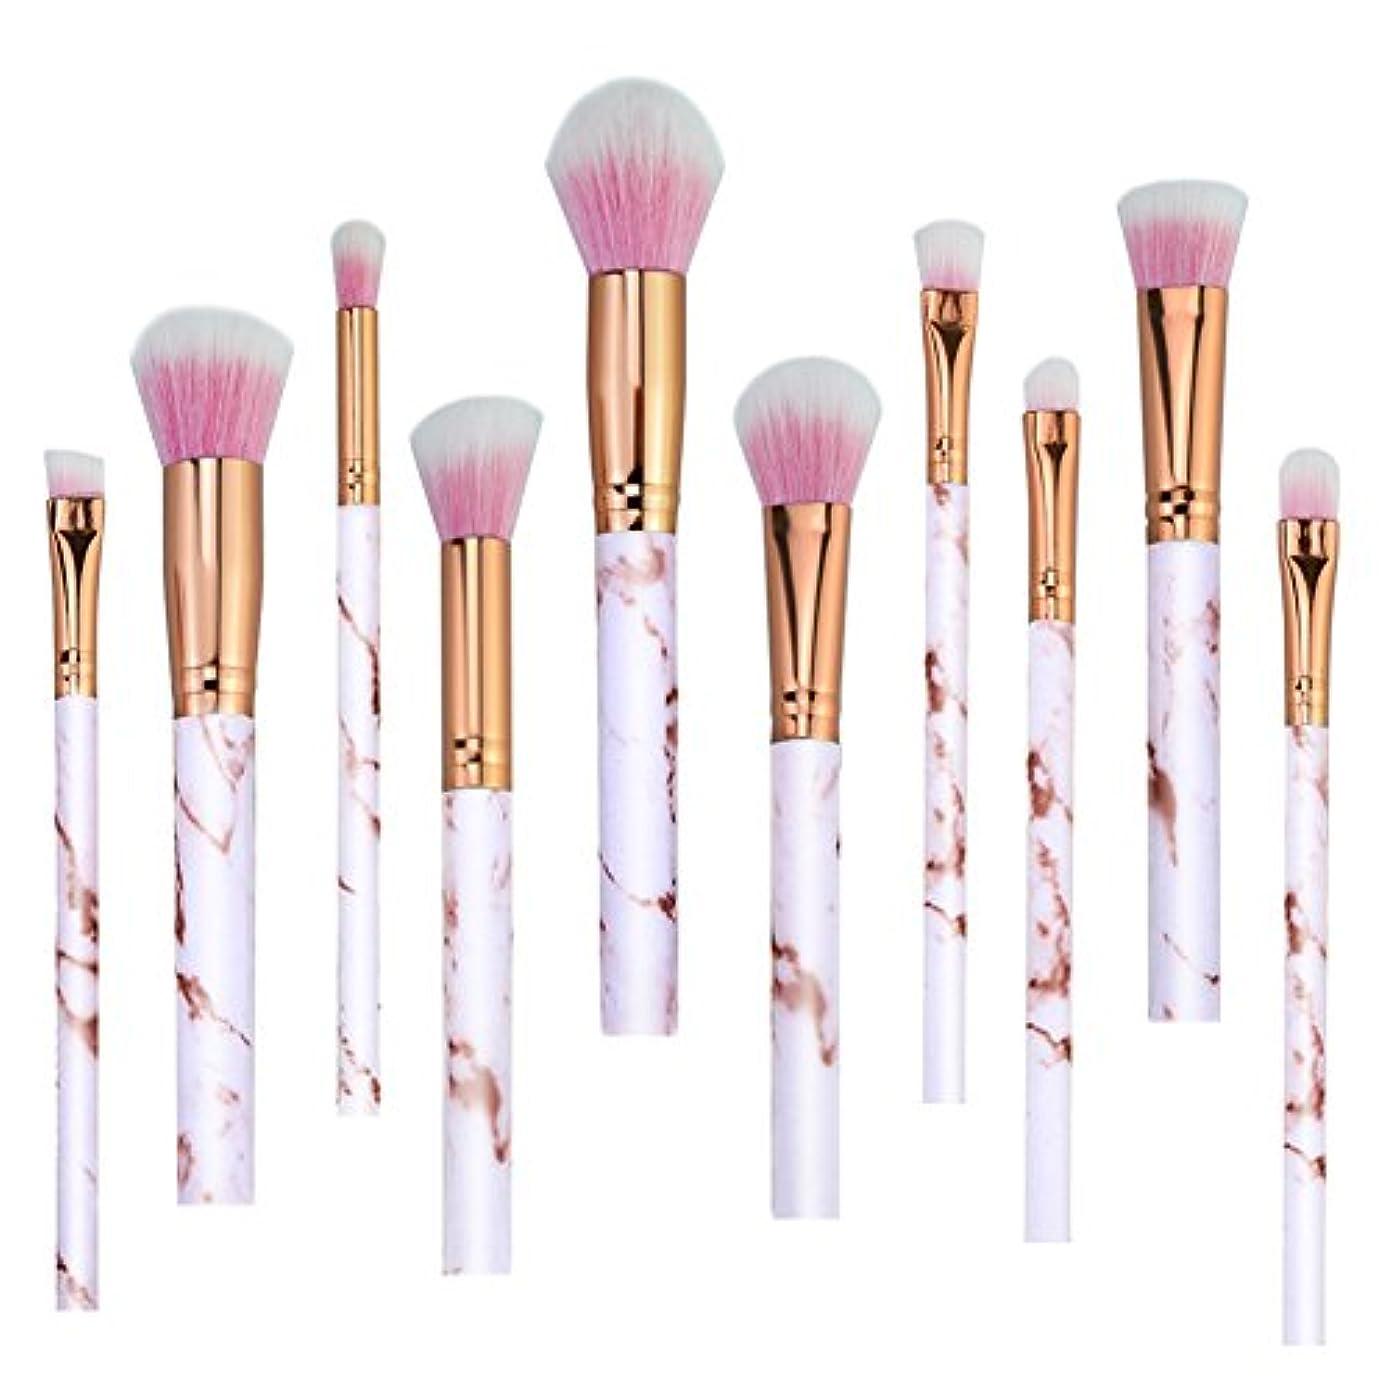 ぺディカブ簡略化する窒素QIAONAI 10本 化粧筆 メイクアップブラシセット プロ 化粧ブラシ 化粧筆 コスメブラシ タイル模様 上品 パウダー アイシャドー 多機能化粧ブラシ 綺麗 ピンク